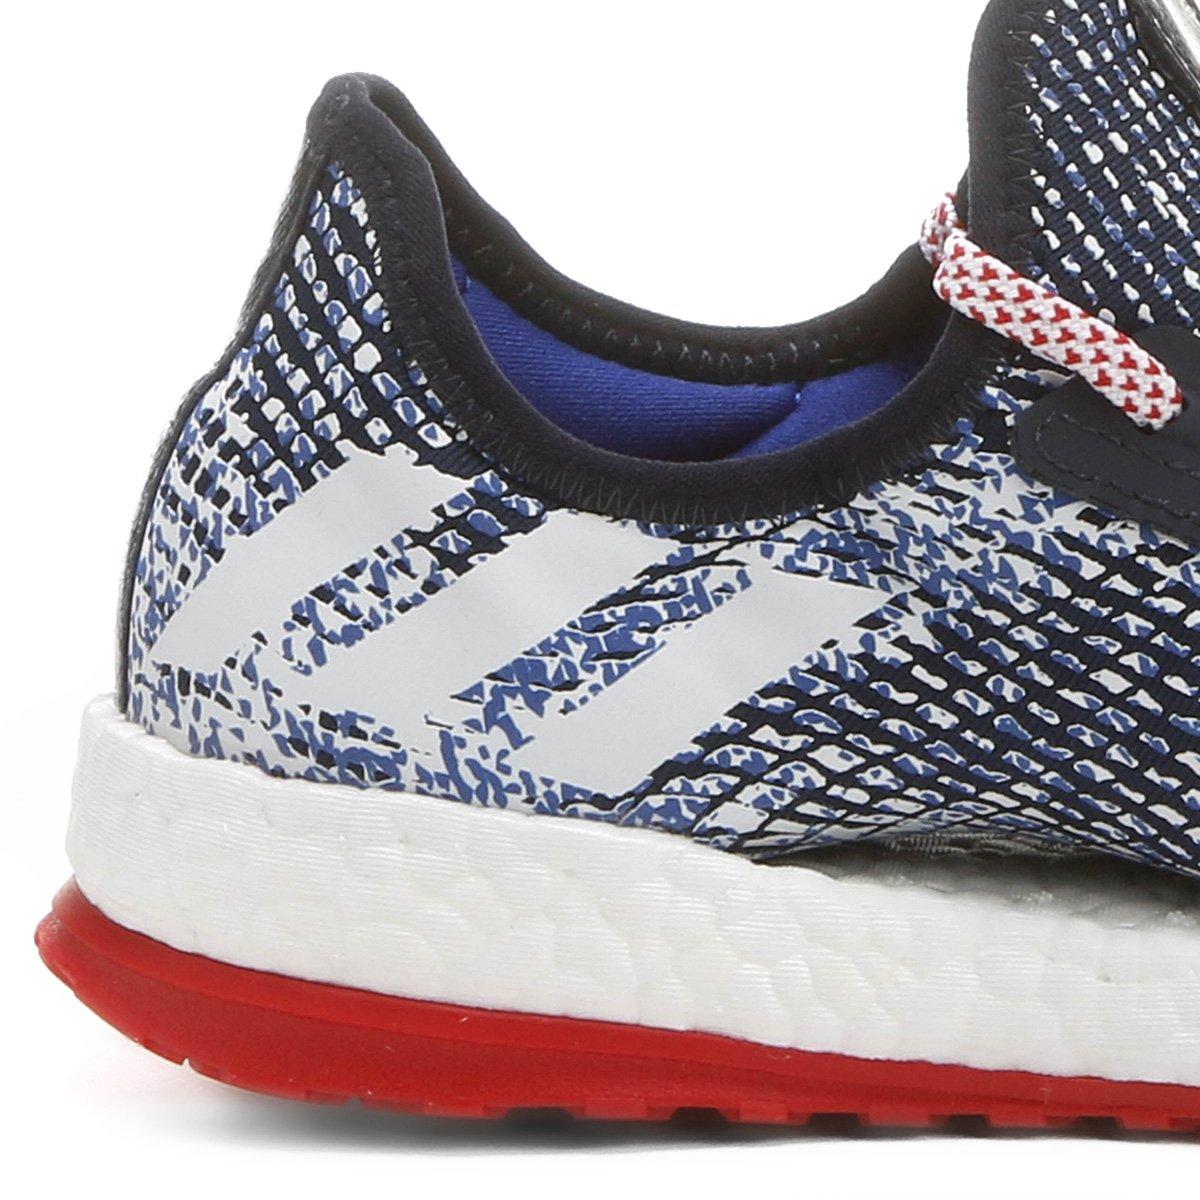 Tênis Adidas Pure Boost X Feminino - Compre Agora  e3f1c2b30be47